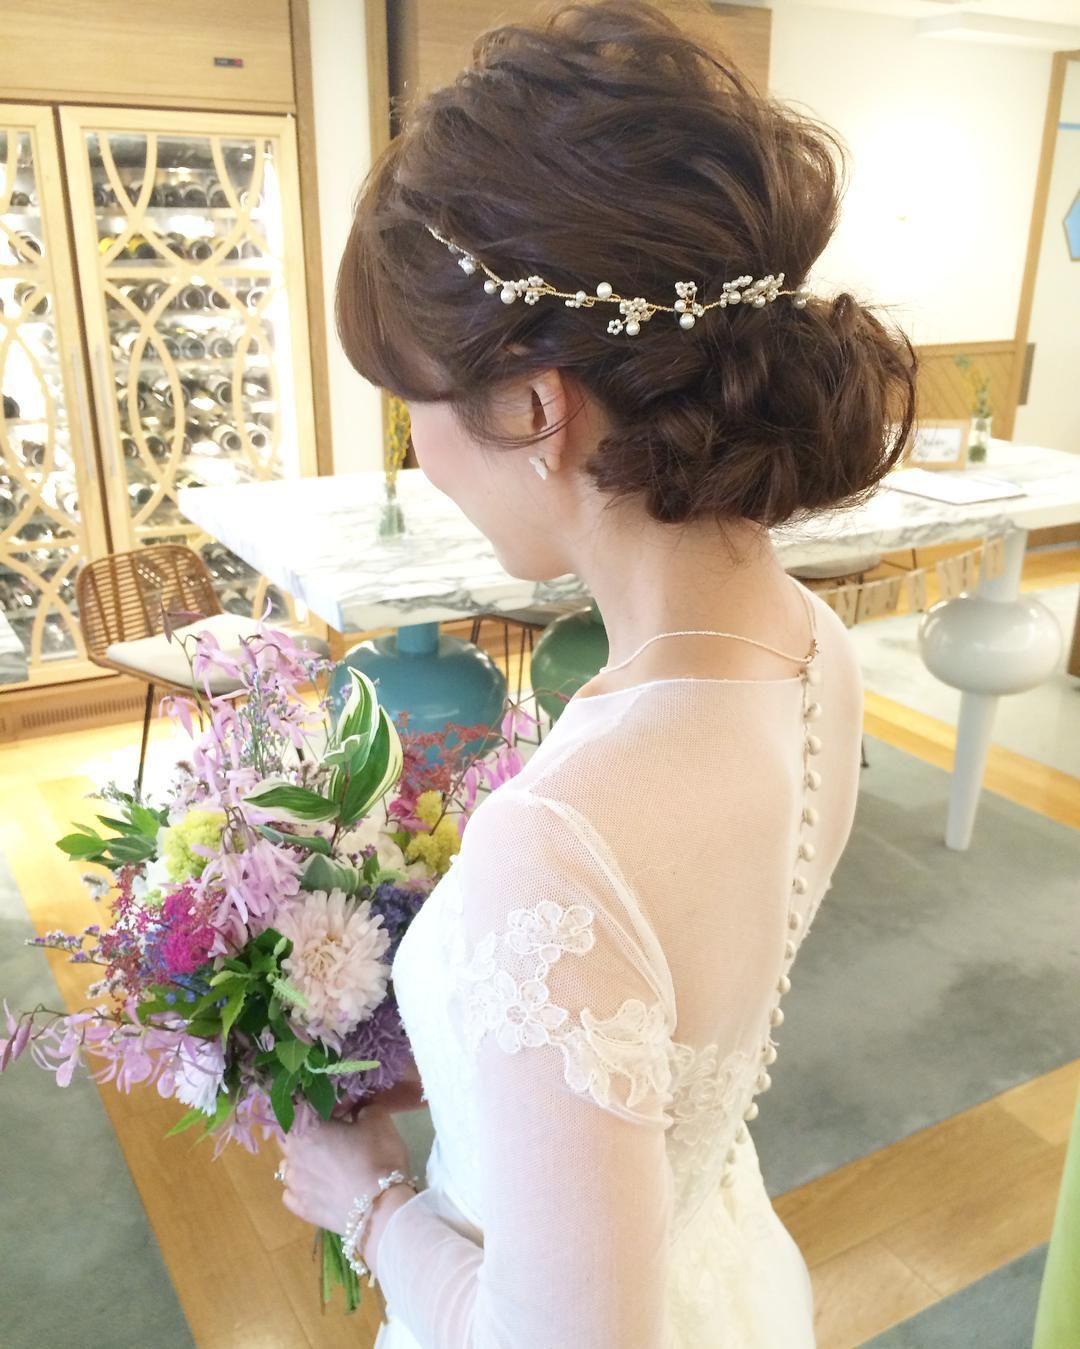 花嫁ヘアのベースとなる定番ブライダルヘアのアレンジまとめ Marry